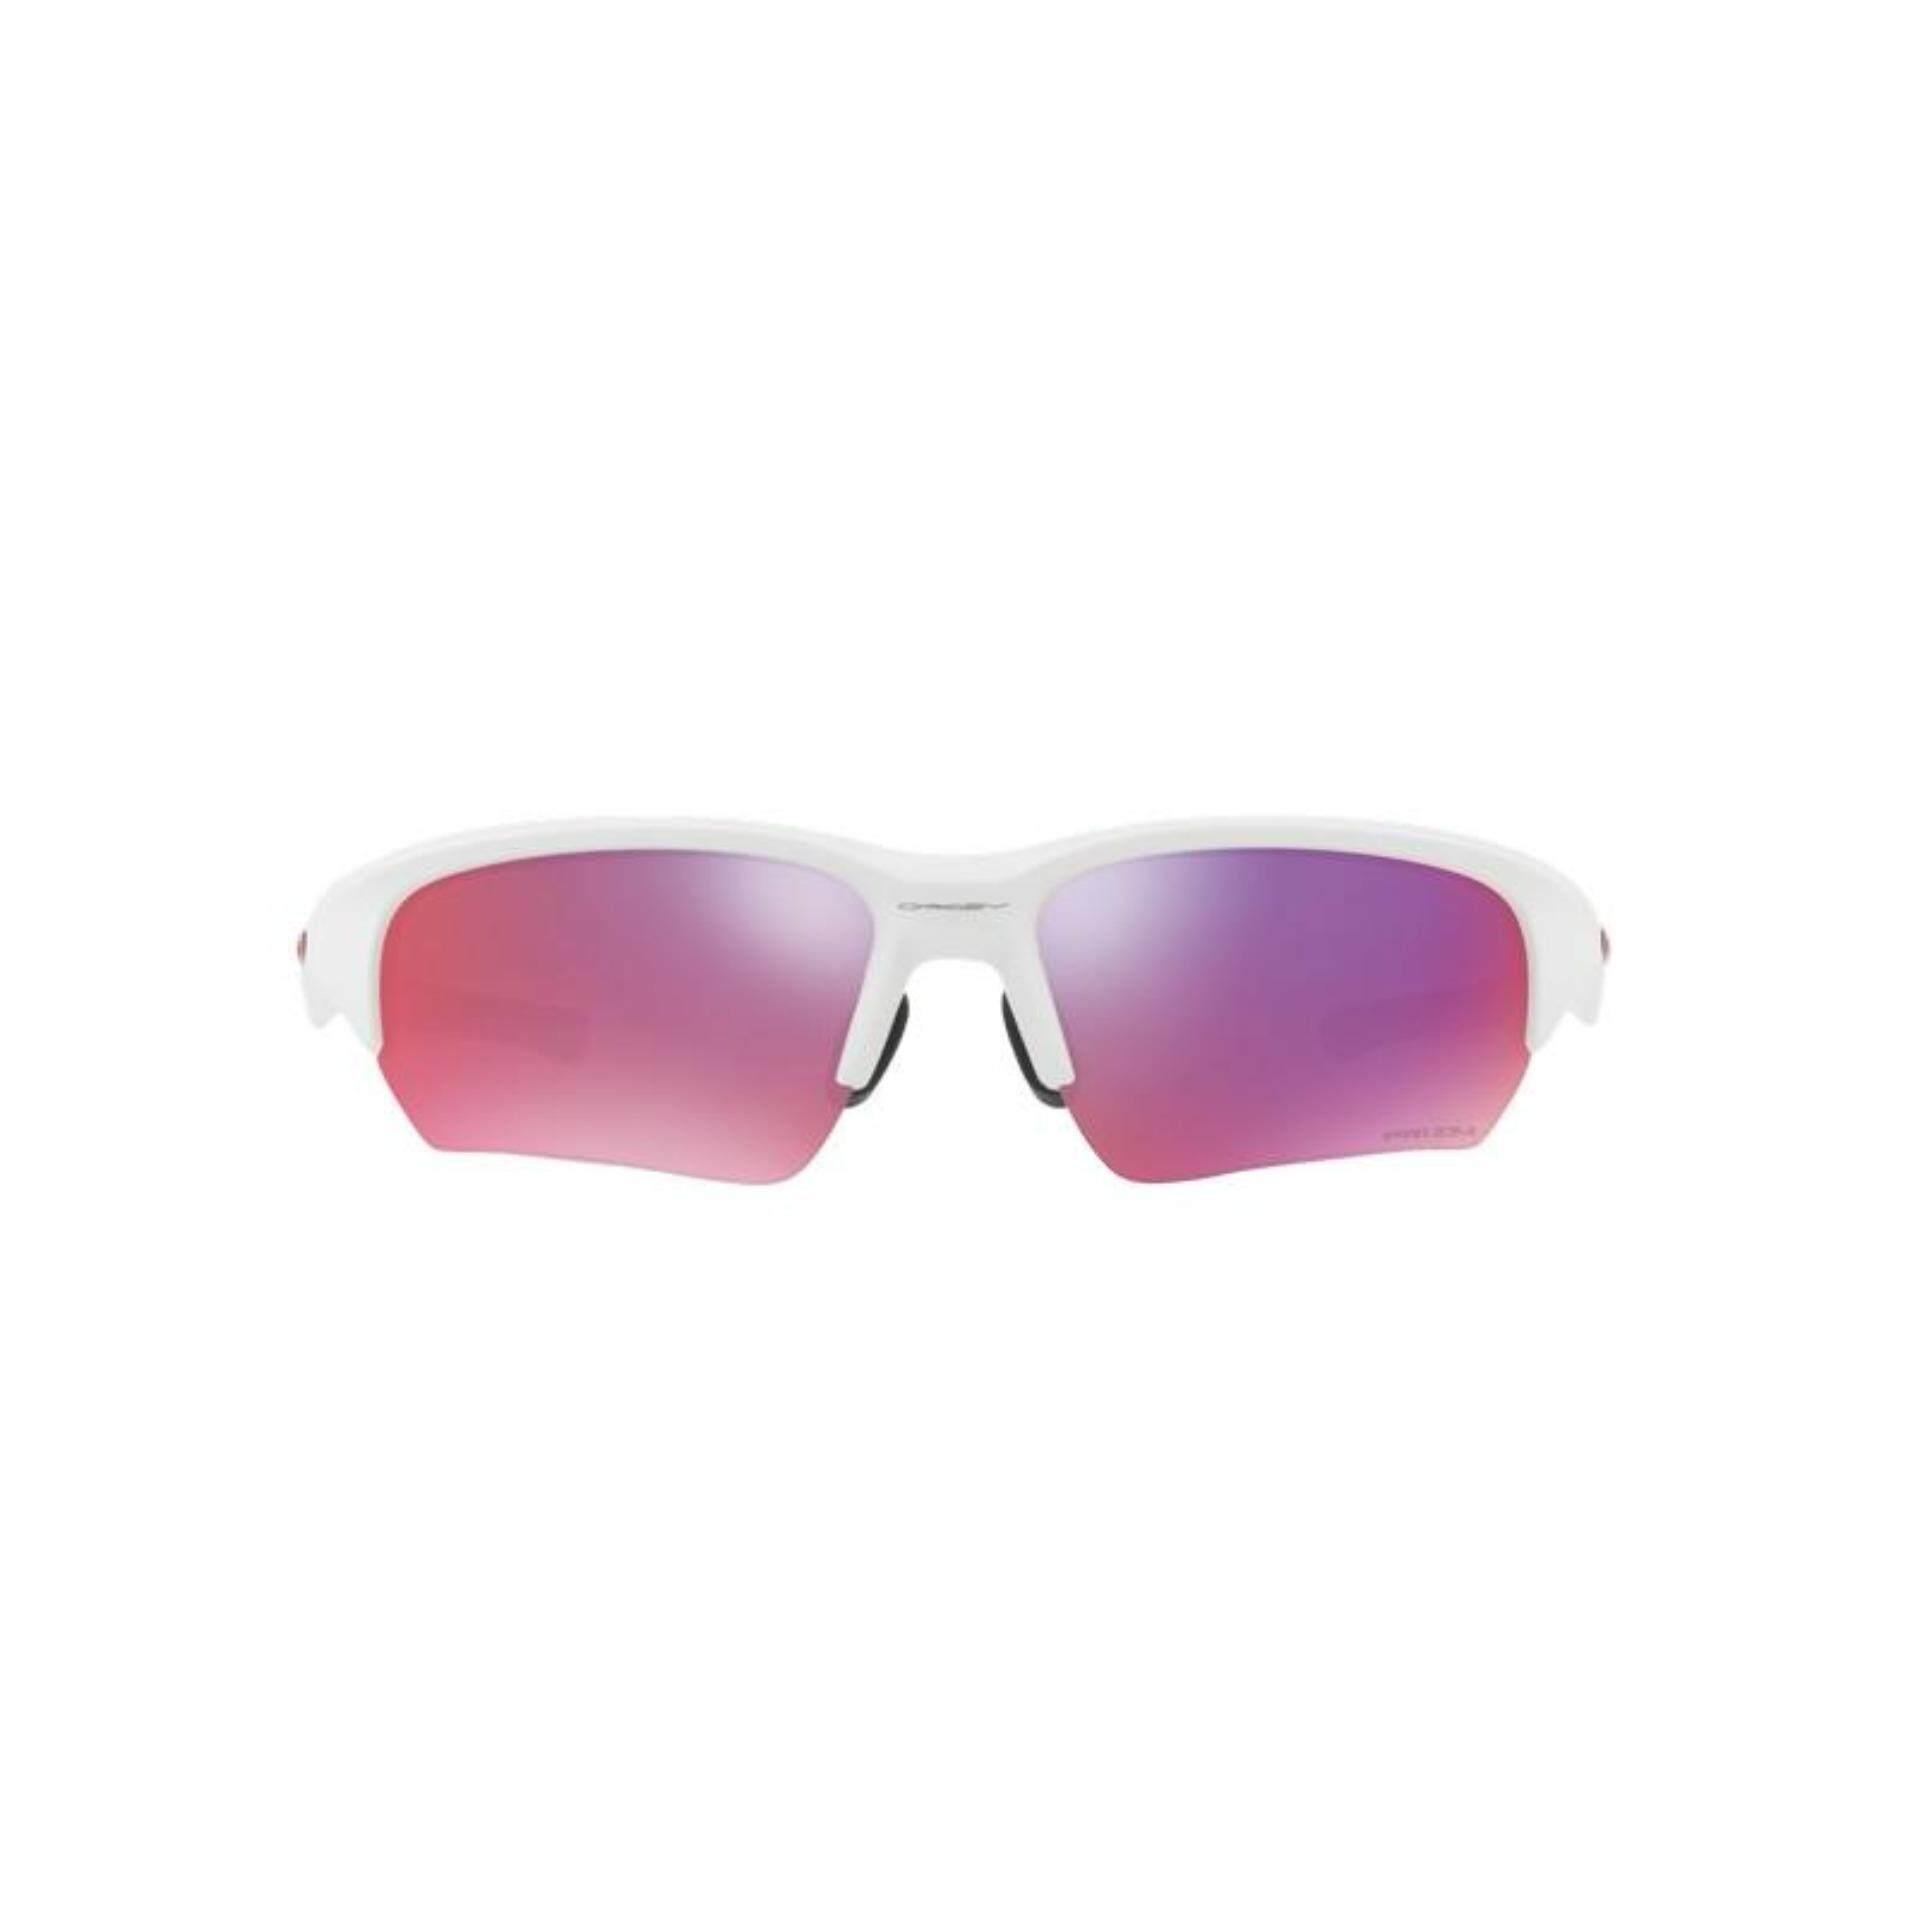 3ad10b4d57 Oakley Men Sunglasses price in Malaysia - Best Oakley Men Sunglasses ...